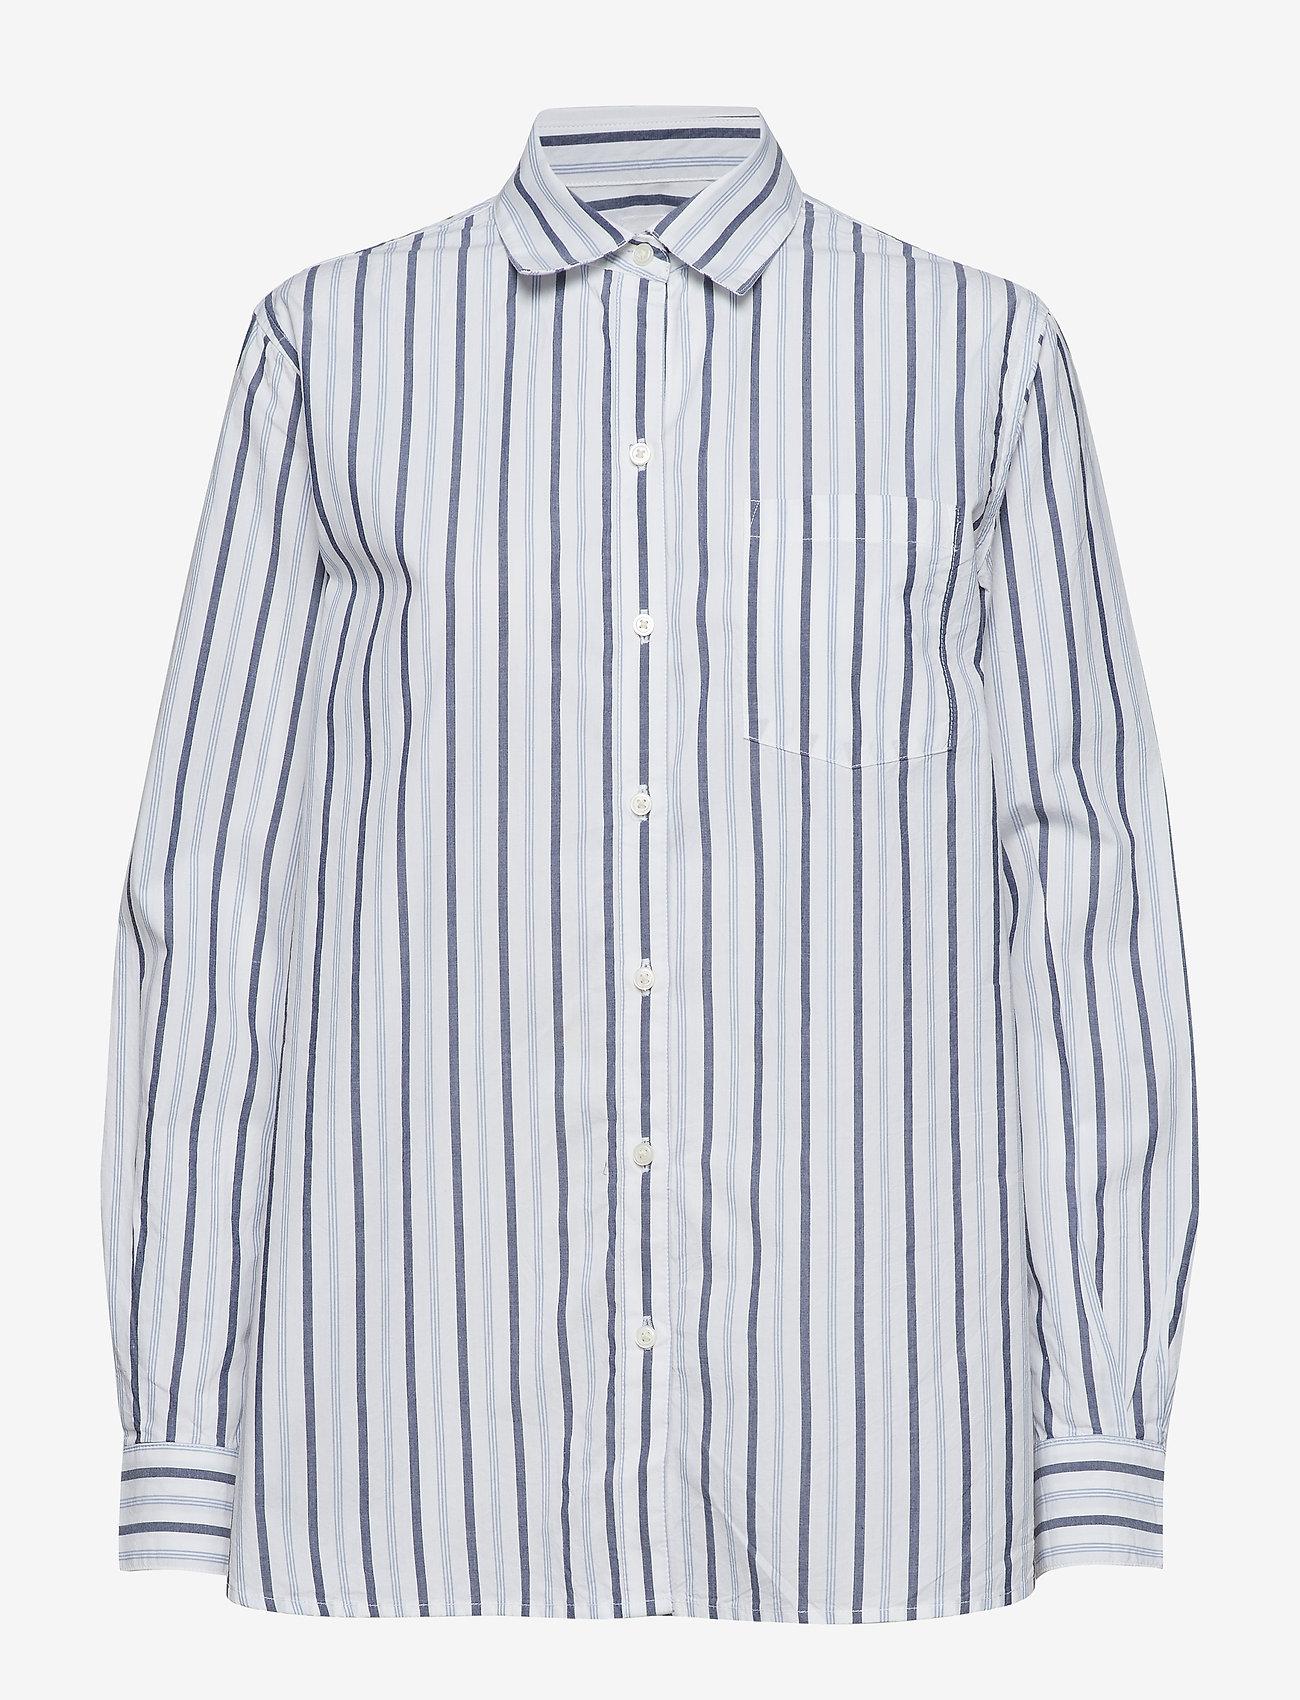 GAP - Stripe Boyfriend Shirt in Poplin - pitkähihaiset paidat - navy stripe